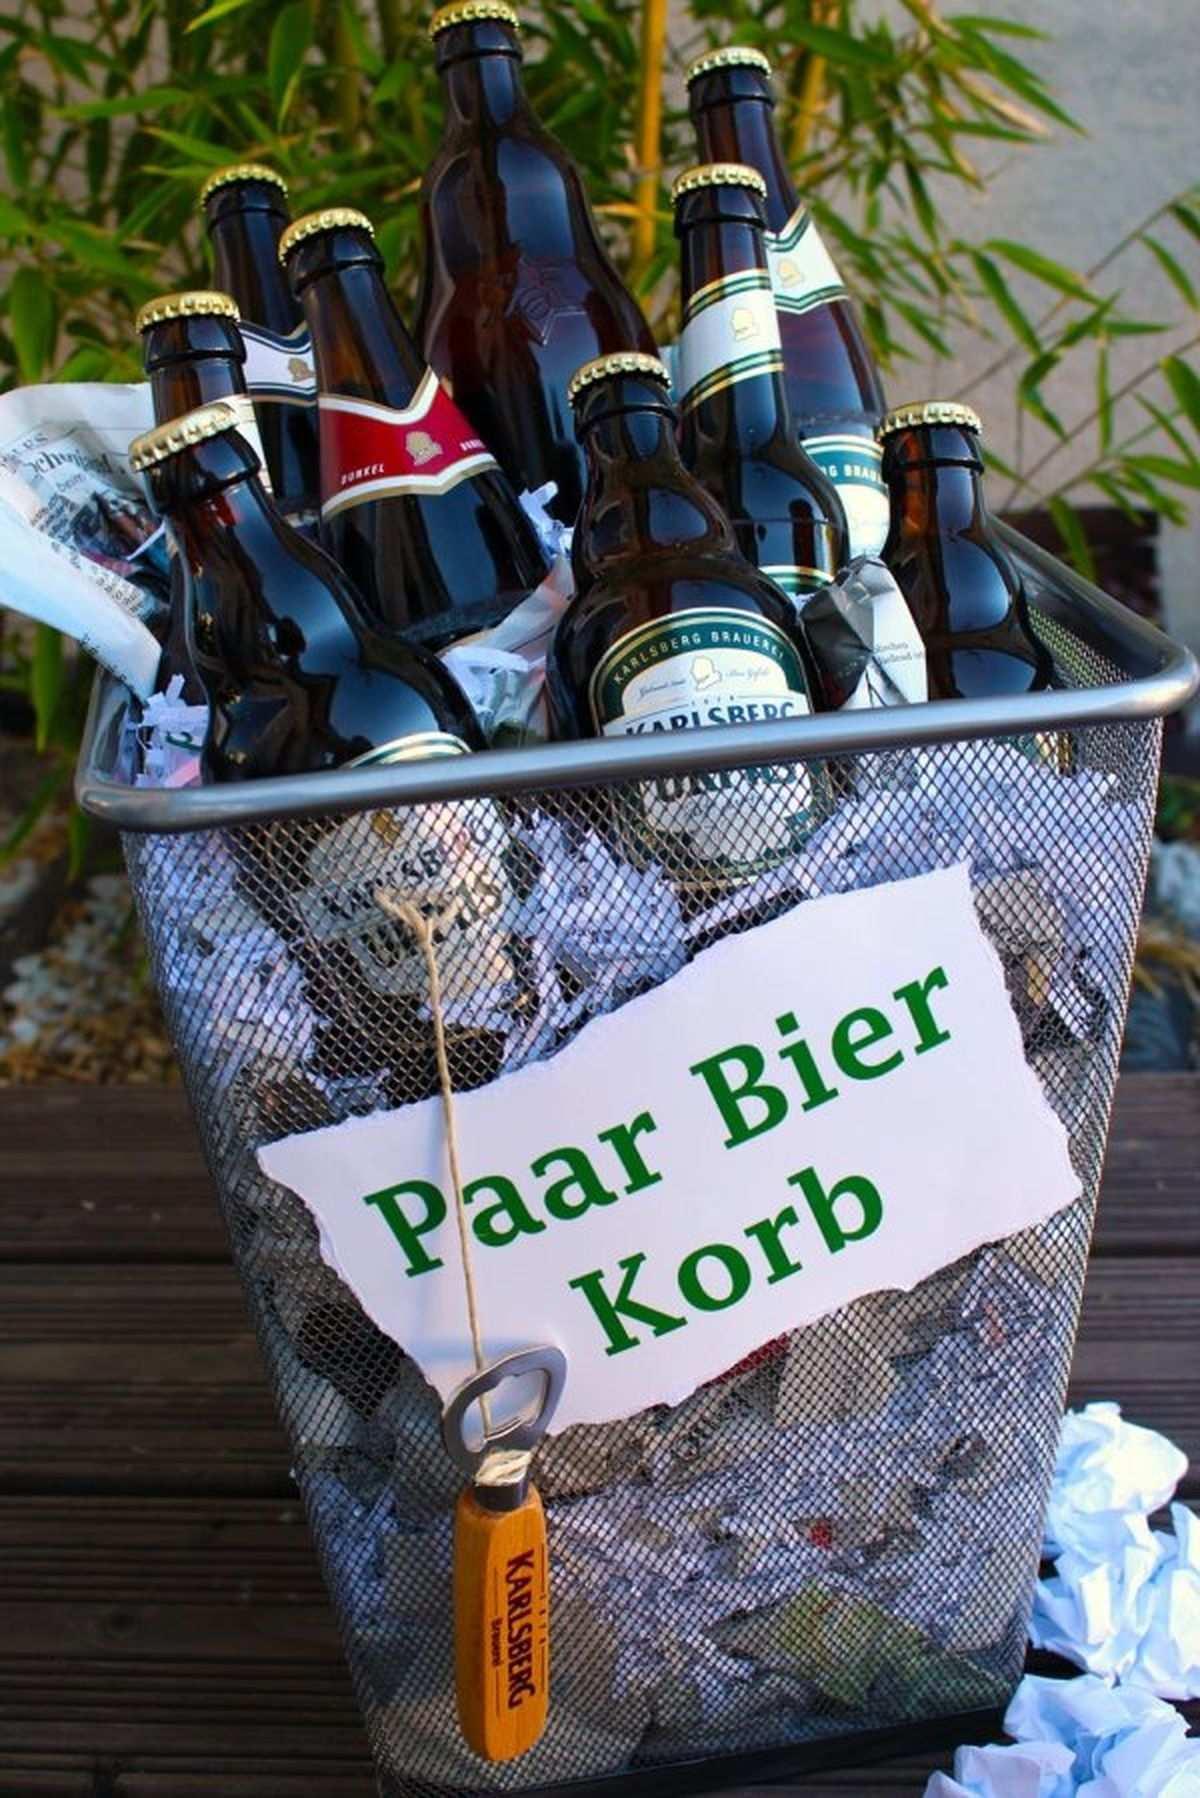 Aus Der Reihe Schlechte Wortspiele Der Paar Bier Korb Dauert N Moment Geschenkideen Geschenke Selbstgemachte Geschenke Geburtstag